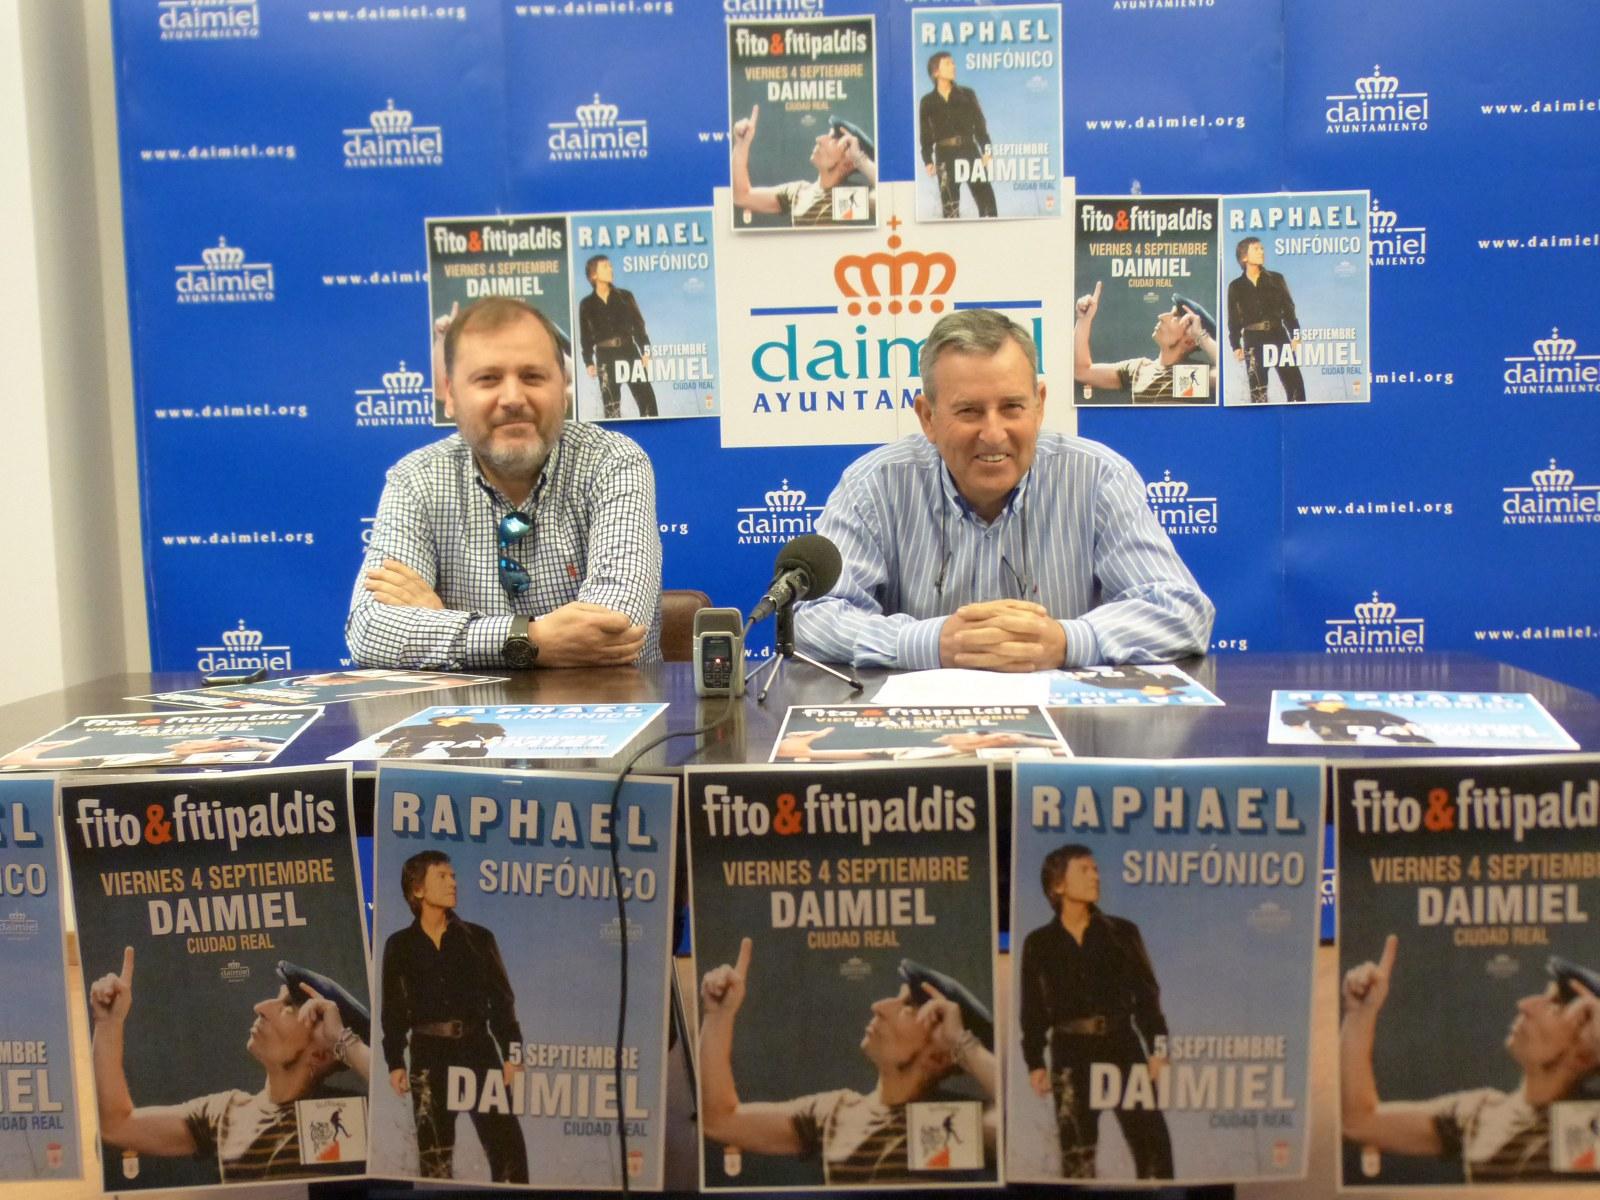 Fito y Fifipaldis y Raphael, en Daimiel en Concierto 2015